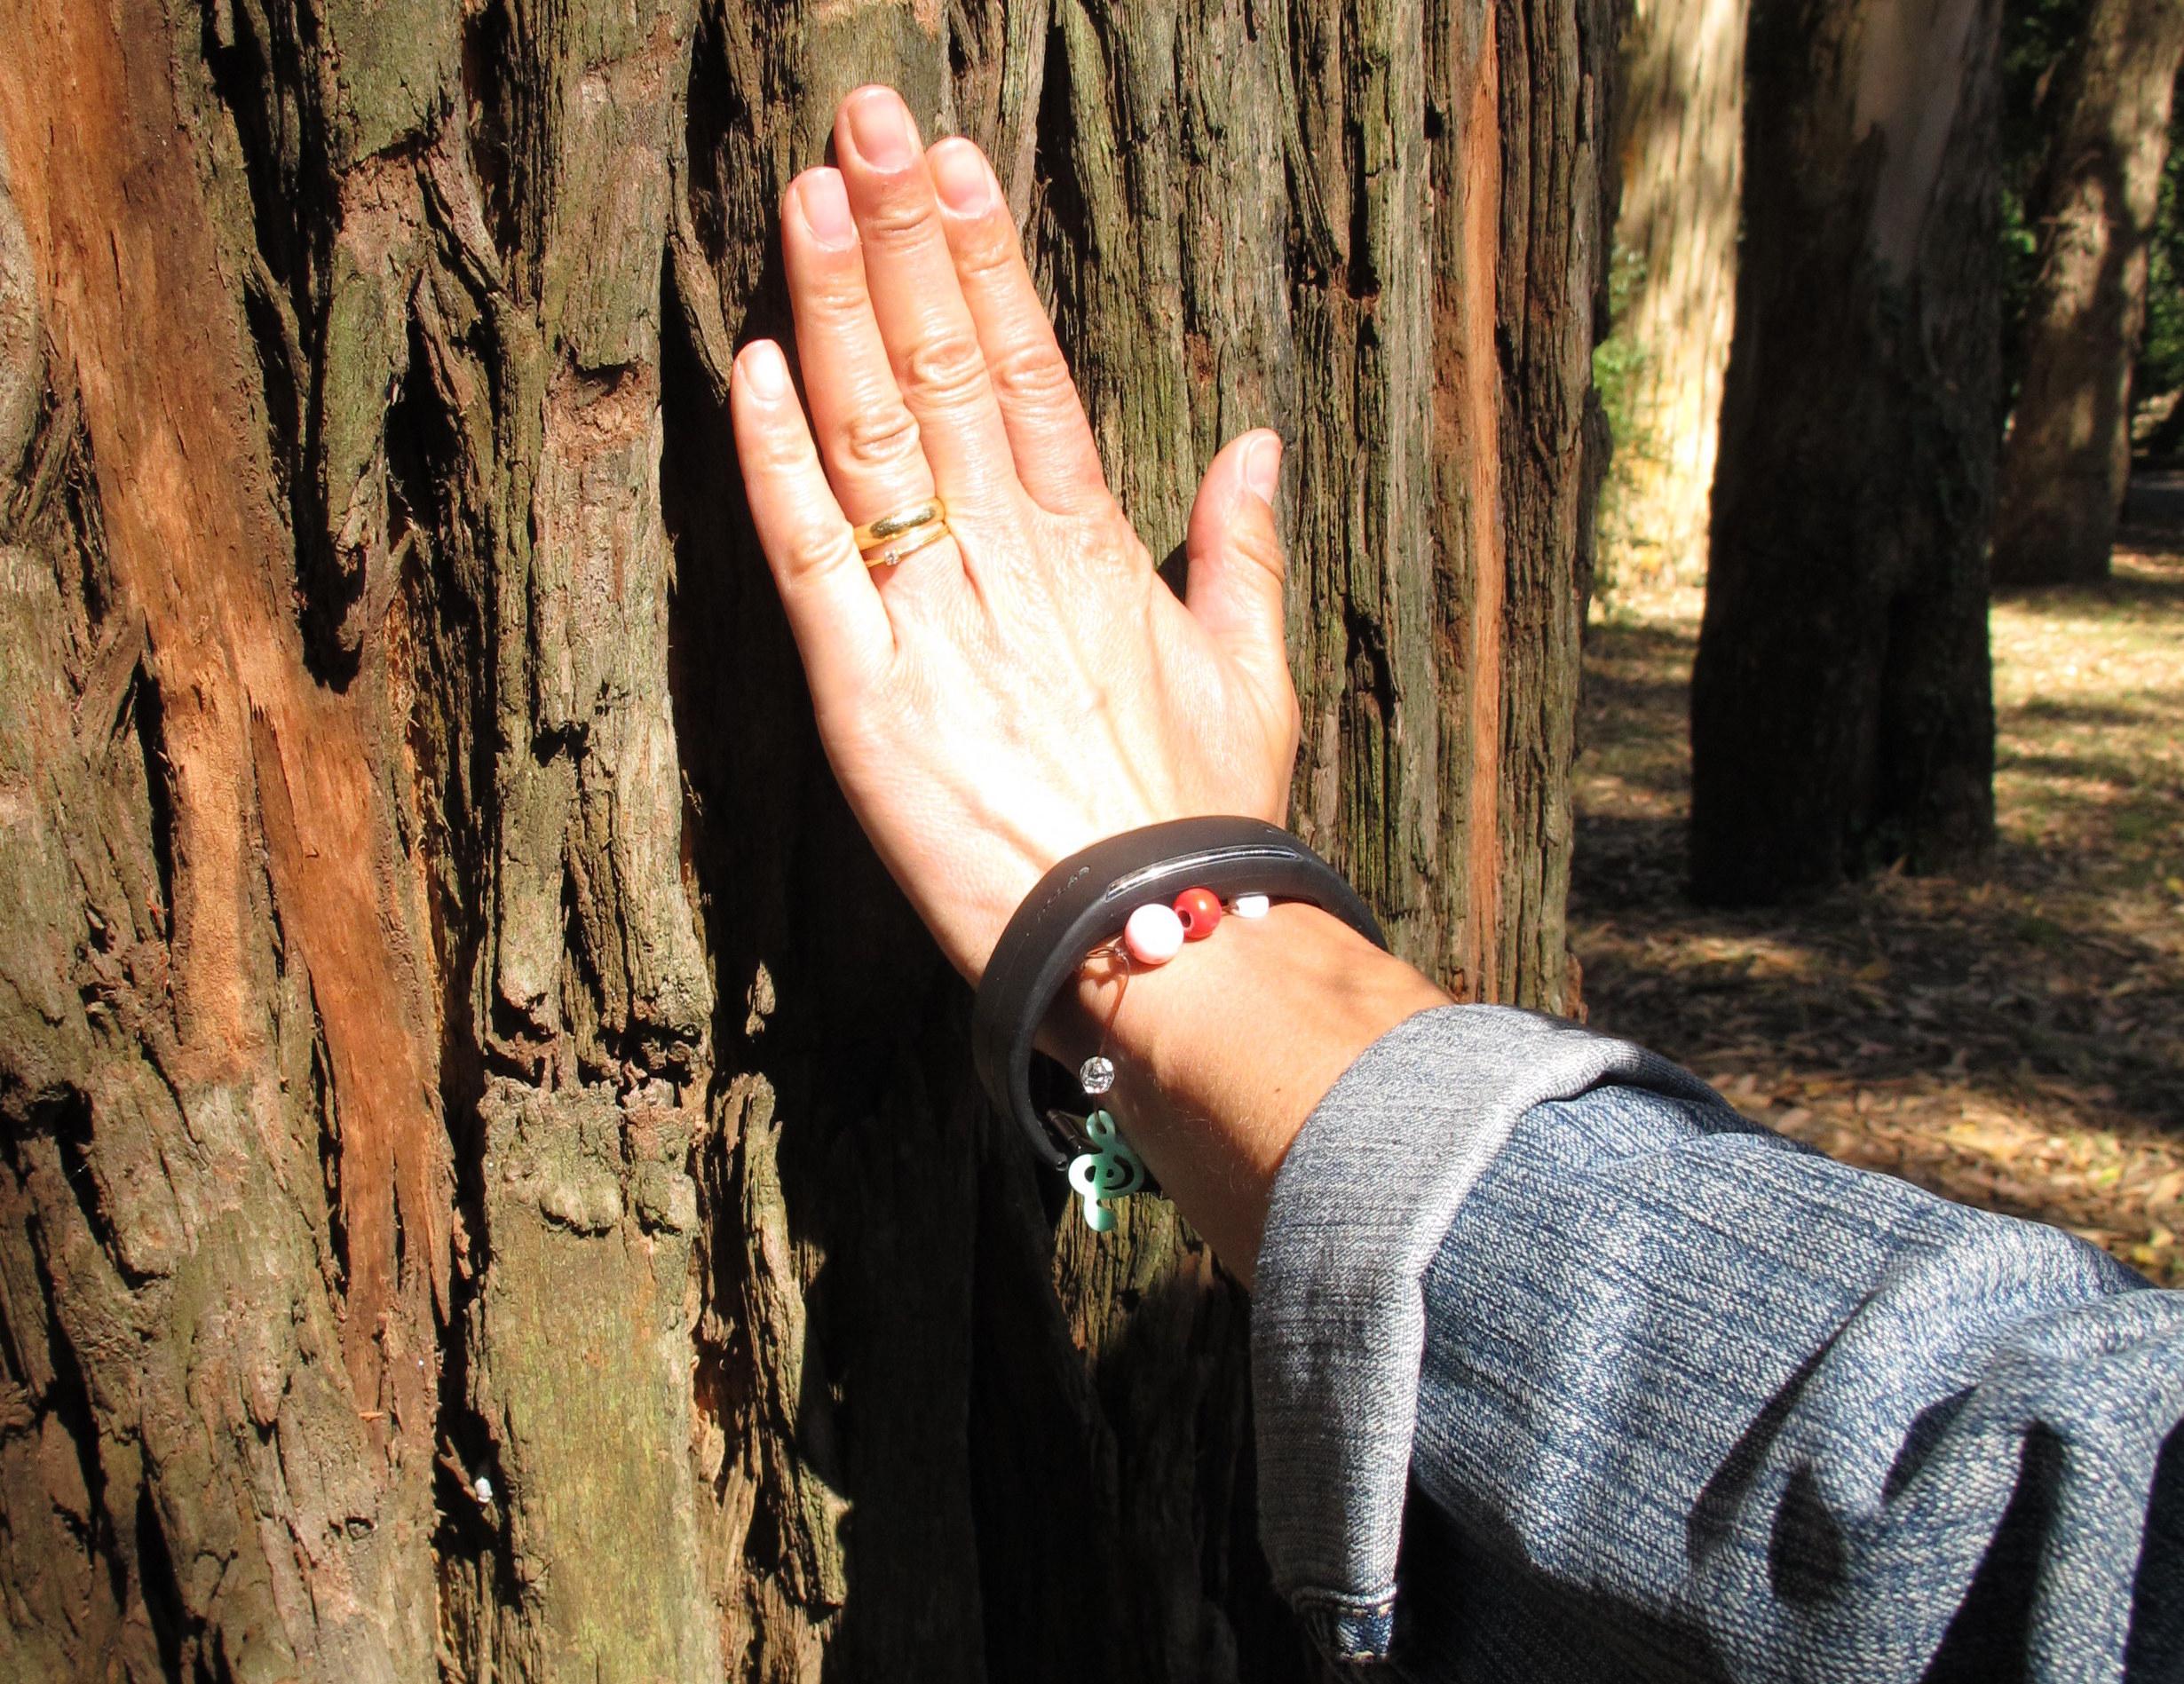 Árvores de Campanhã e Santo Ildefonso: raridades na cidade